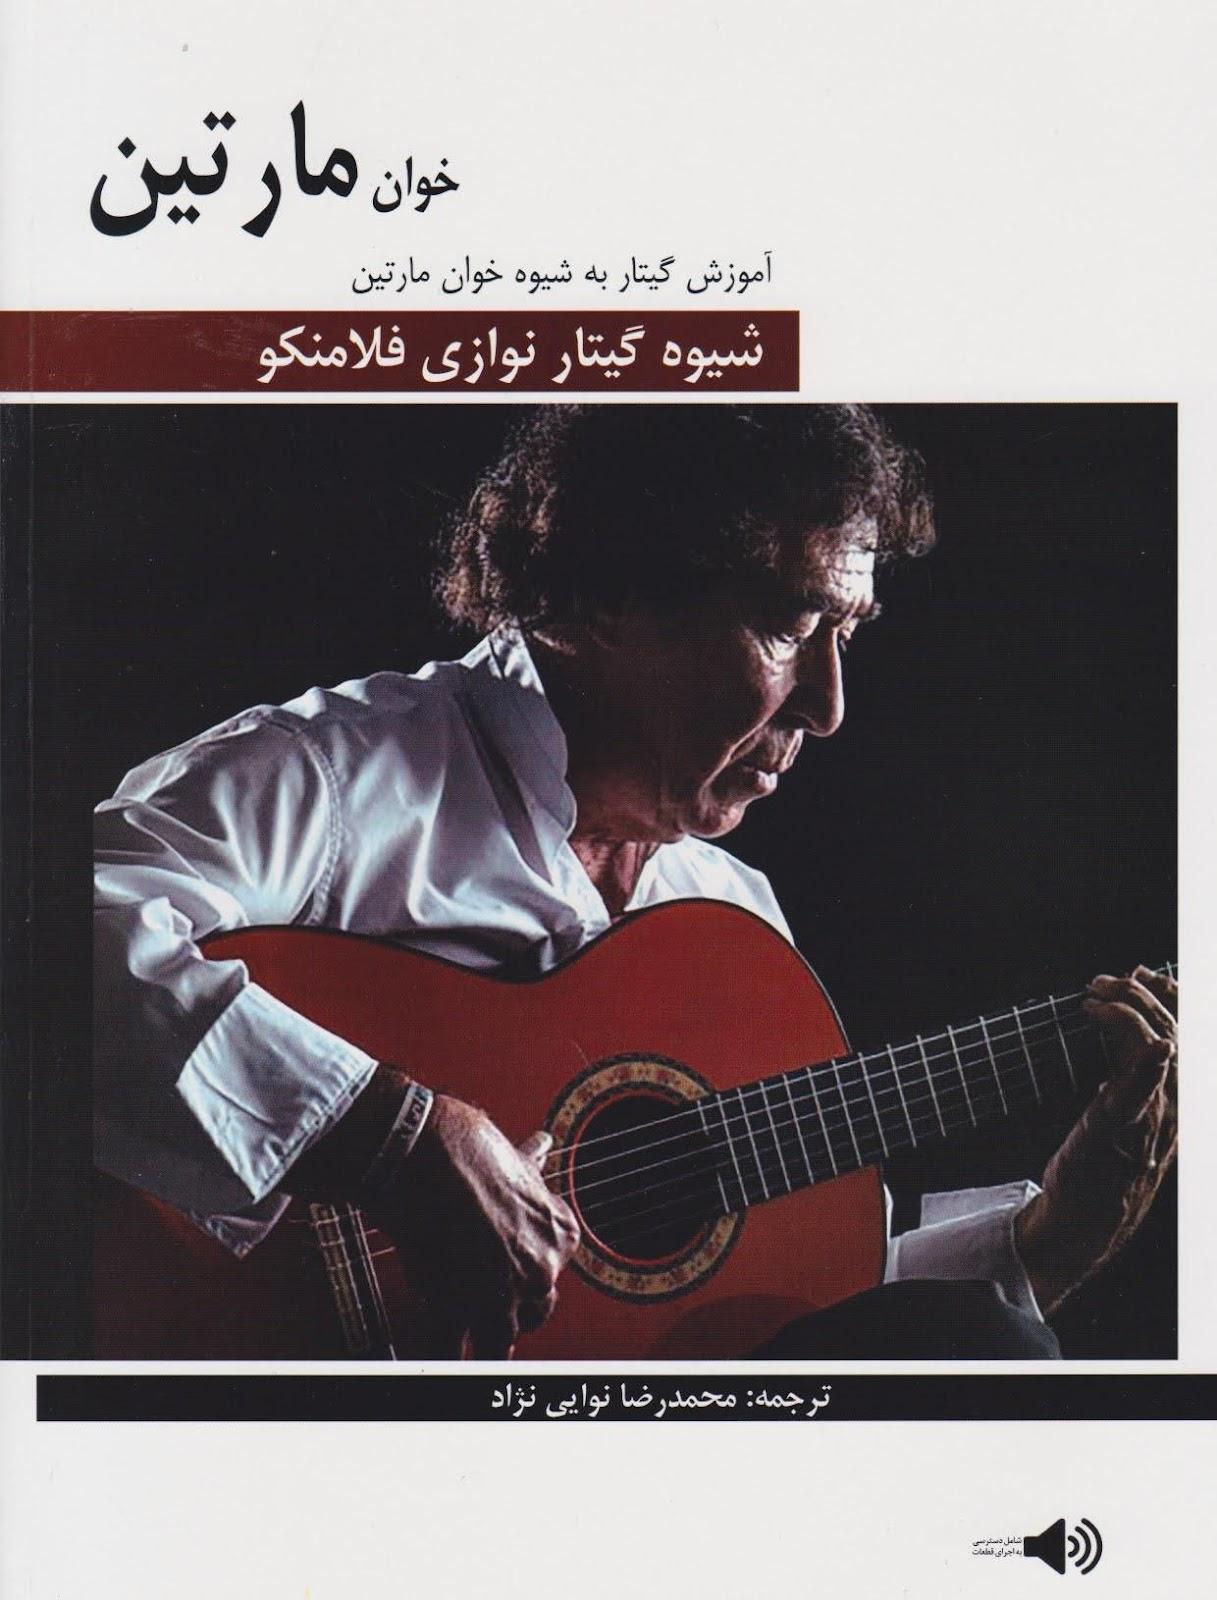 کتاب شیوه گیتارنوازی فلامنکو خوان مارتین انتشارات هنر و فرهنگ